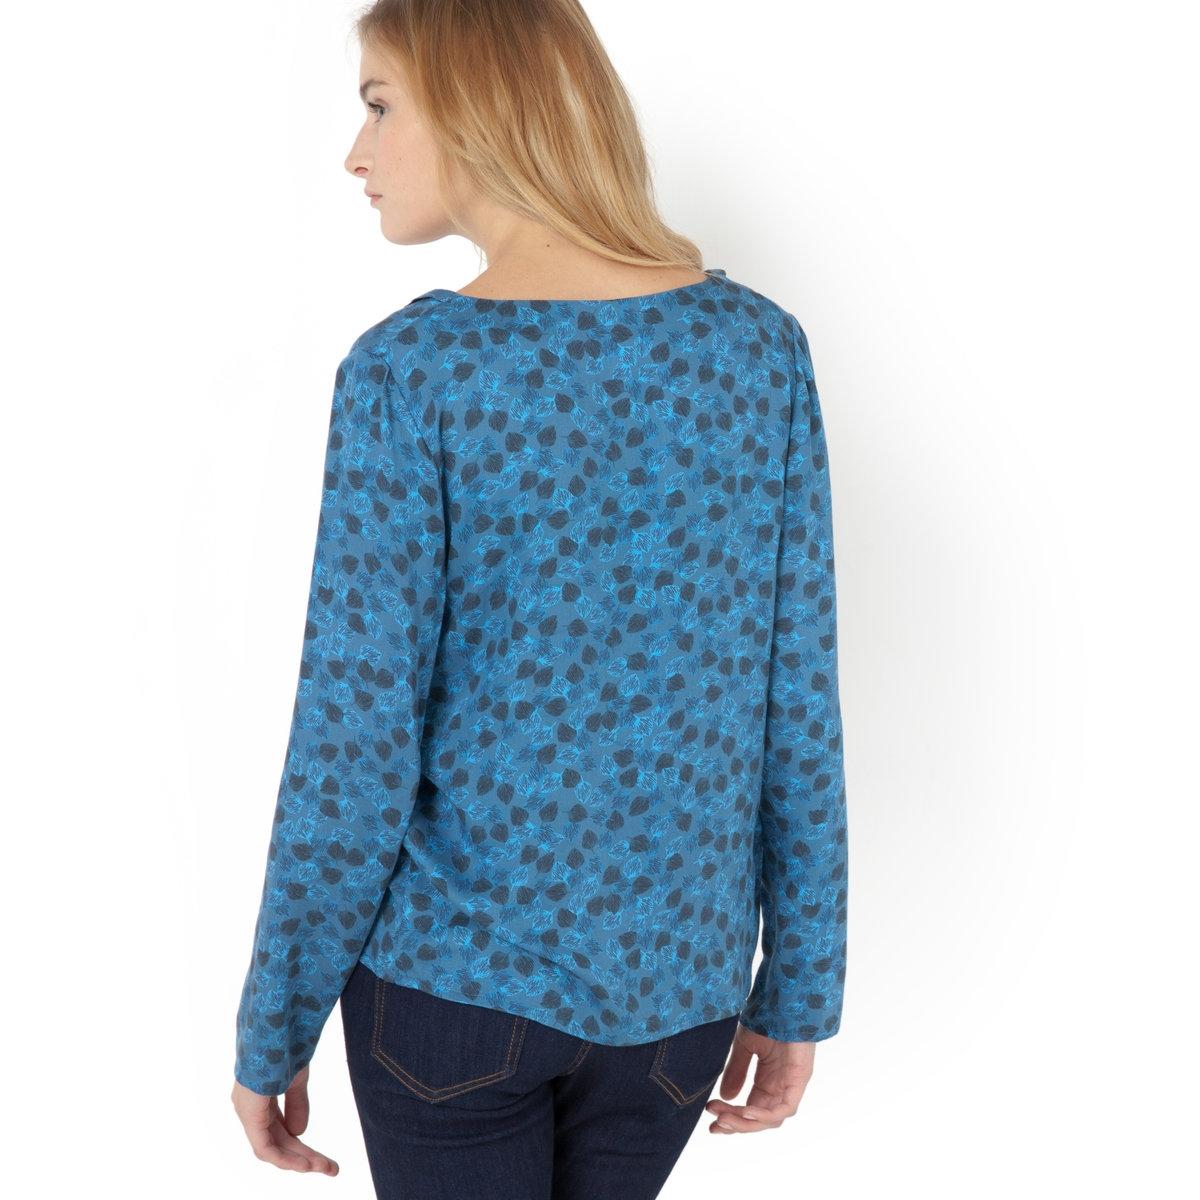 Блузка с рисунком с длинными рукавамиБлузка, V-образный вырез с завязкой. Цветочный рисунок. Длинные рукава. 100% вискозы. Длина 63 см.<br><br>Цвет: рисунок листьев<br>Размер: 36 (FR) - 42 (RUS)